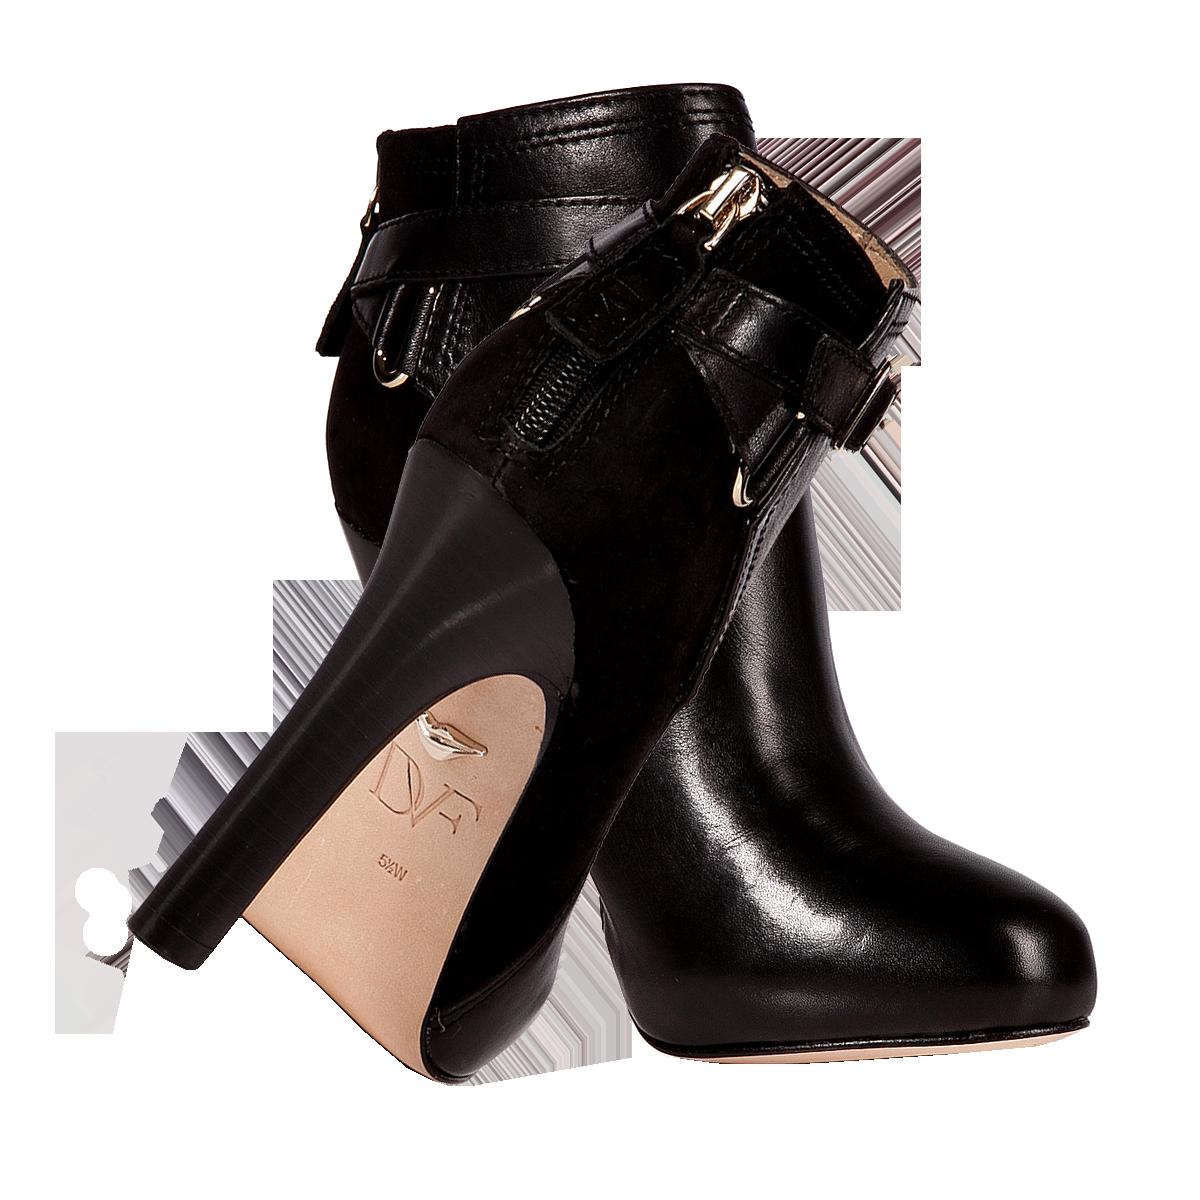 Diane Von Furstenberg black Leather Suede Charise Ankle Boots